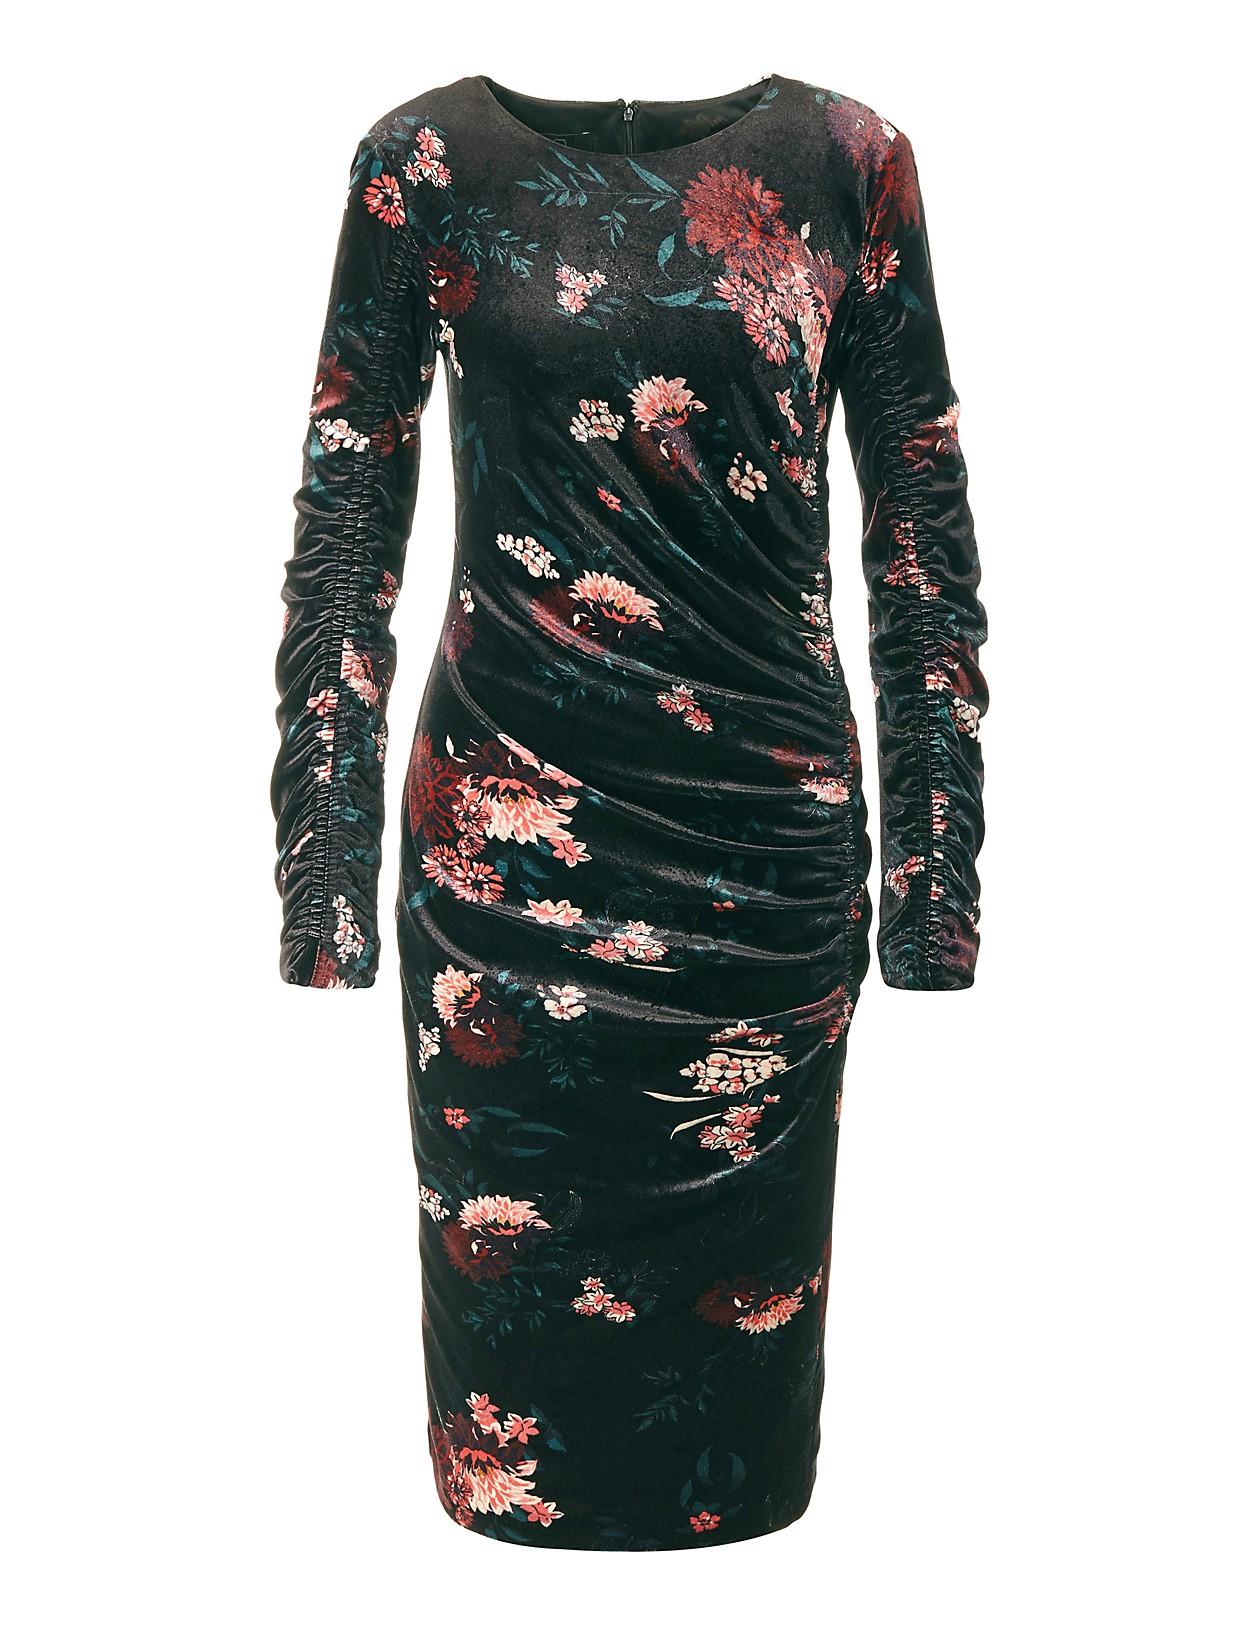 f6c37ef02679a3 ... Feminines Samtkleid mit Allover-Print. Zurück zur Übersicht. Previous  Slide